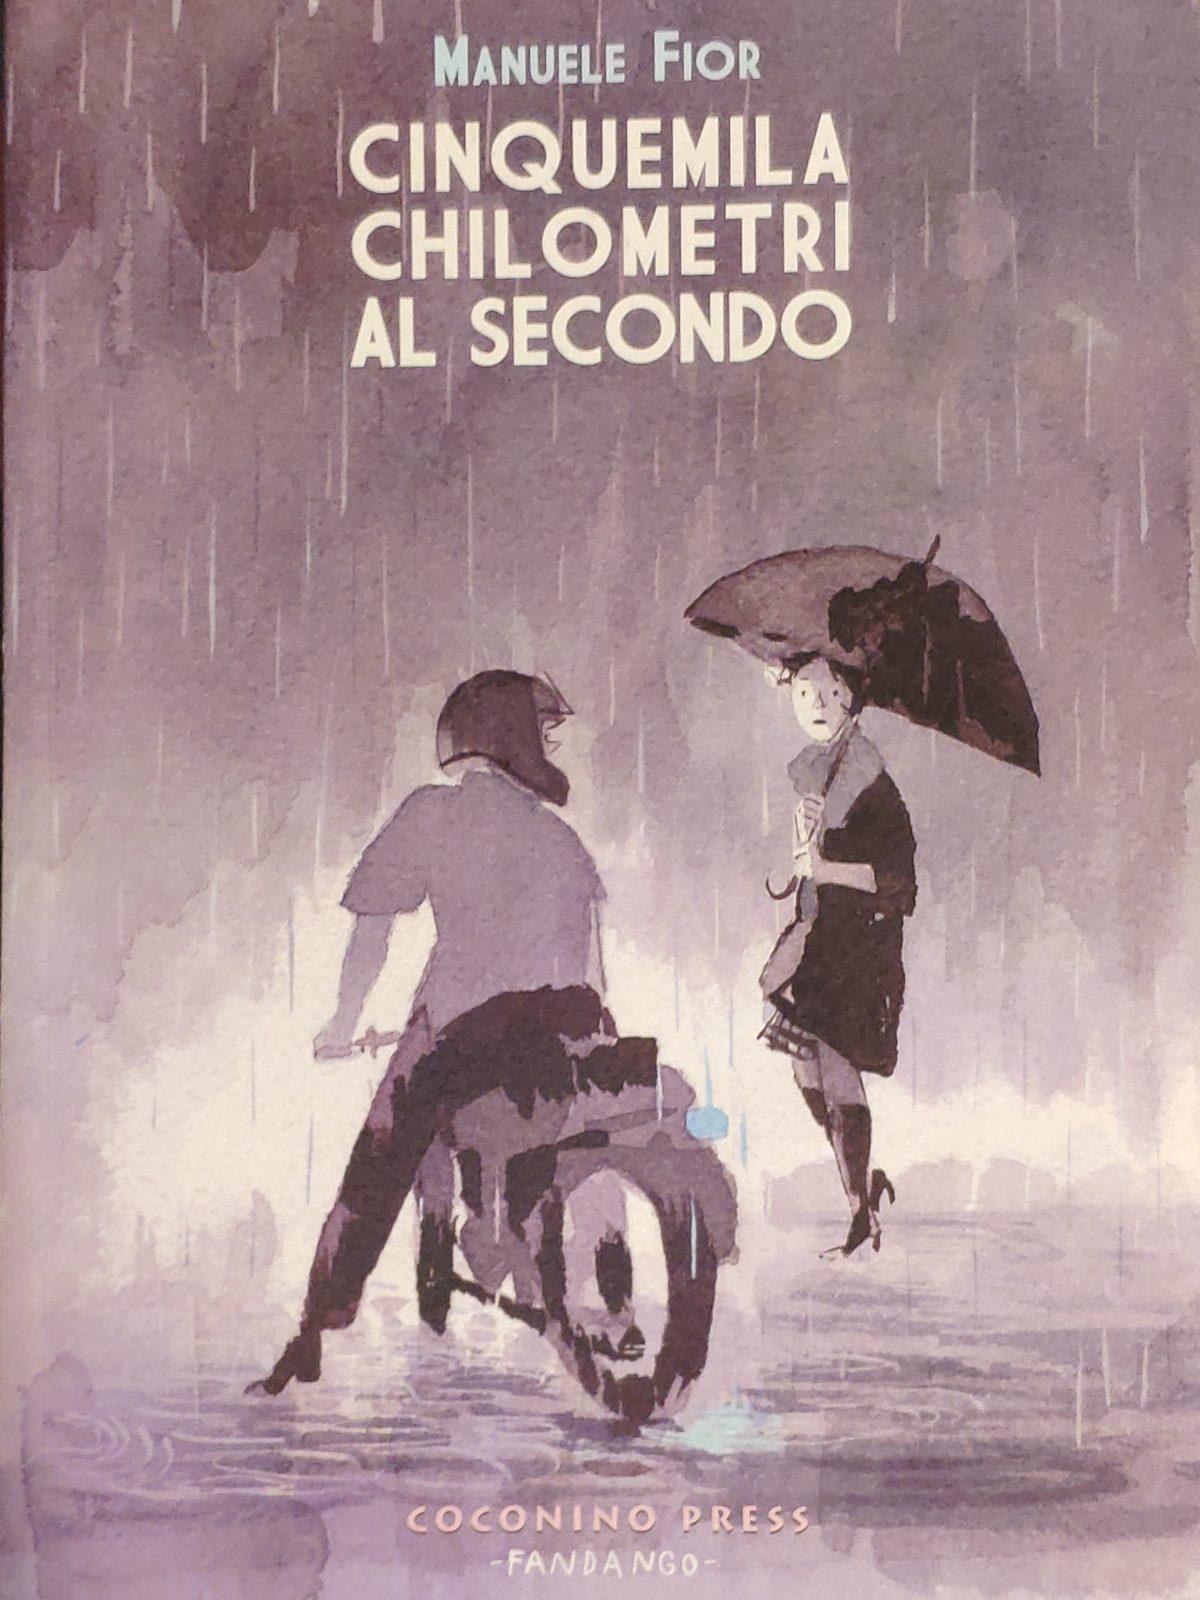 Mio caro fumetto... - Immagine di copertina del libro Cinquemila Chilometri al secondo